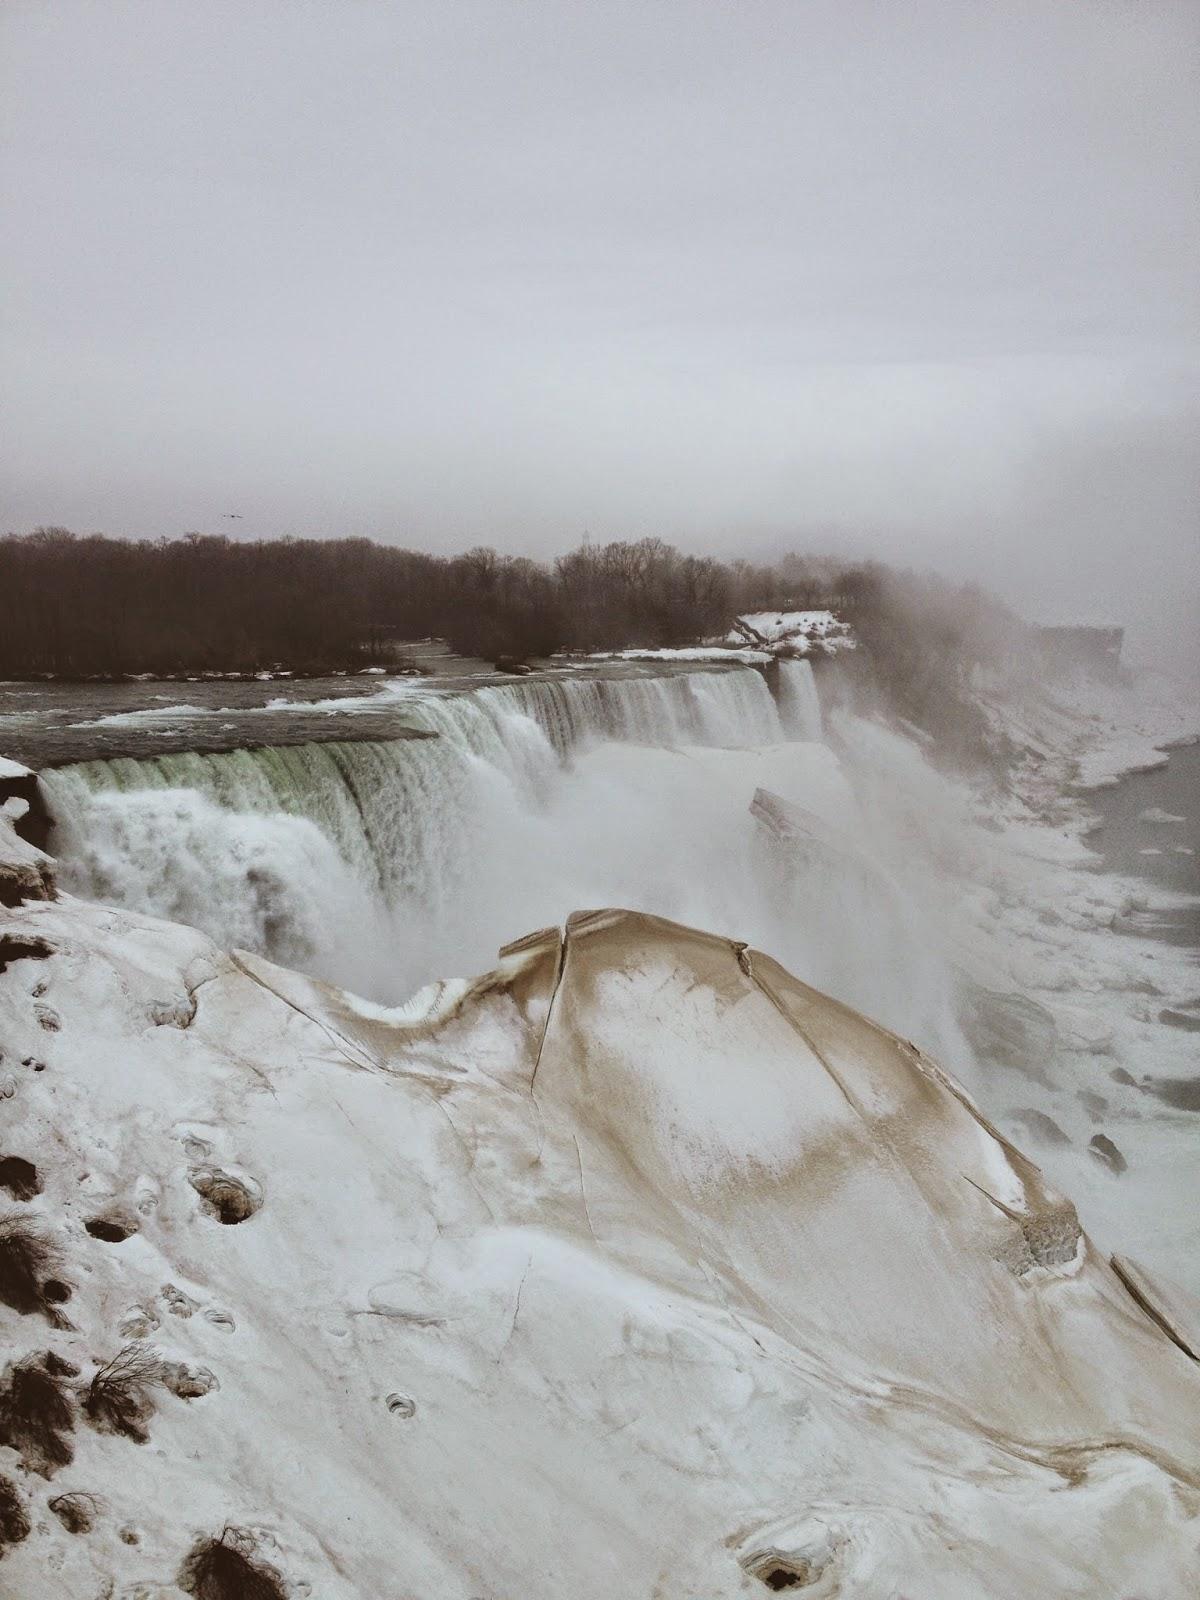 Niagra Falls waterfall covered in ice